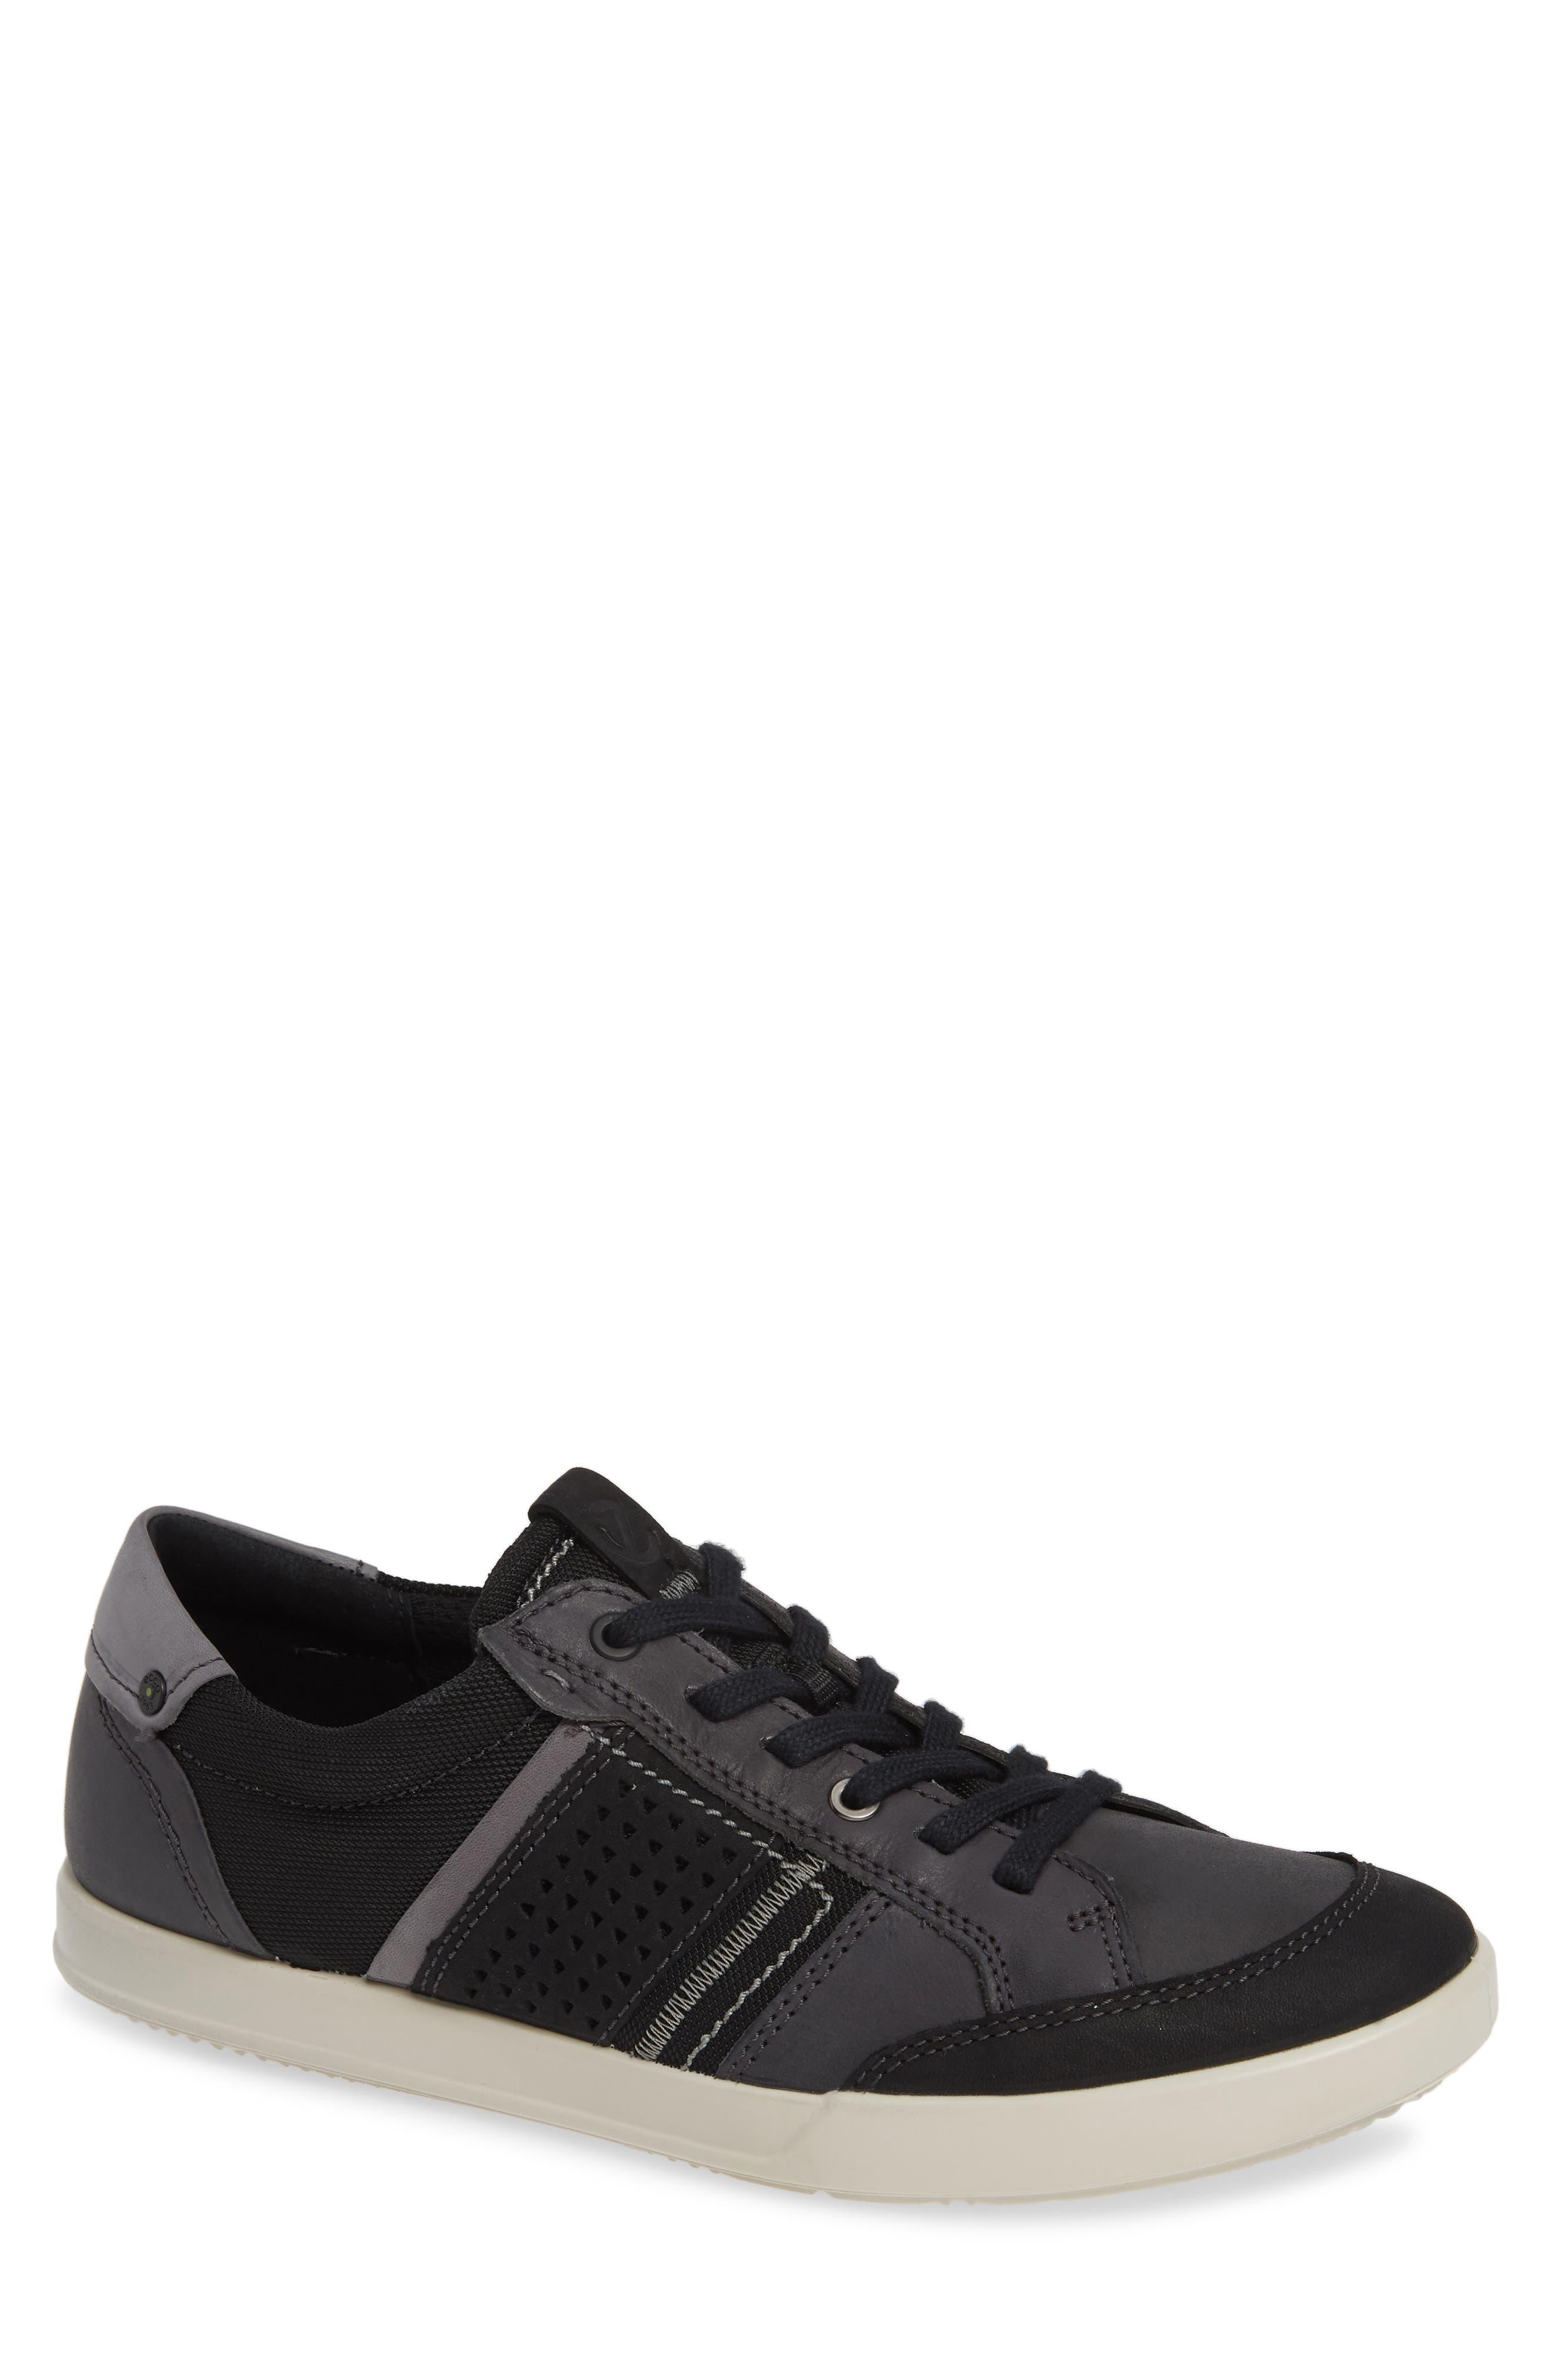 Ecco Collin 2.0 Sneaker - Black